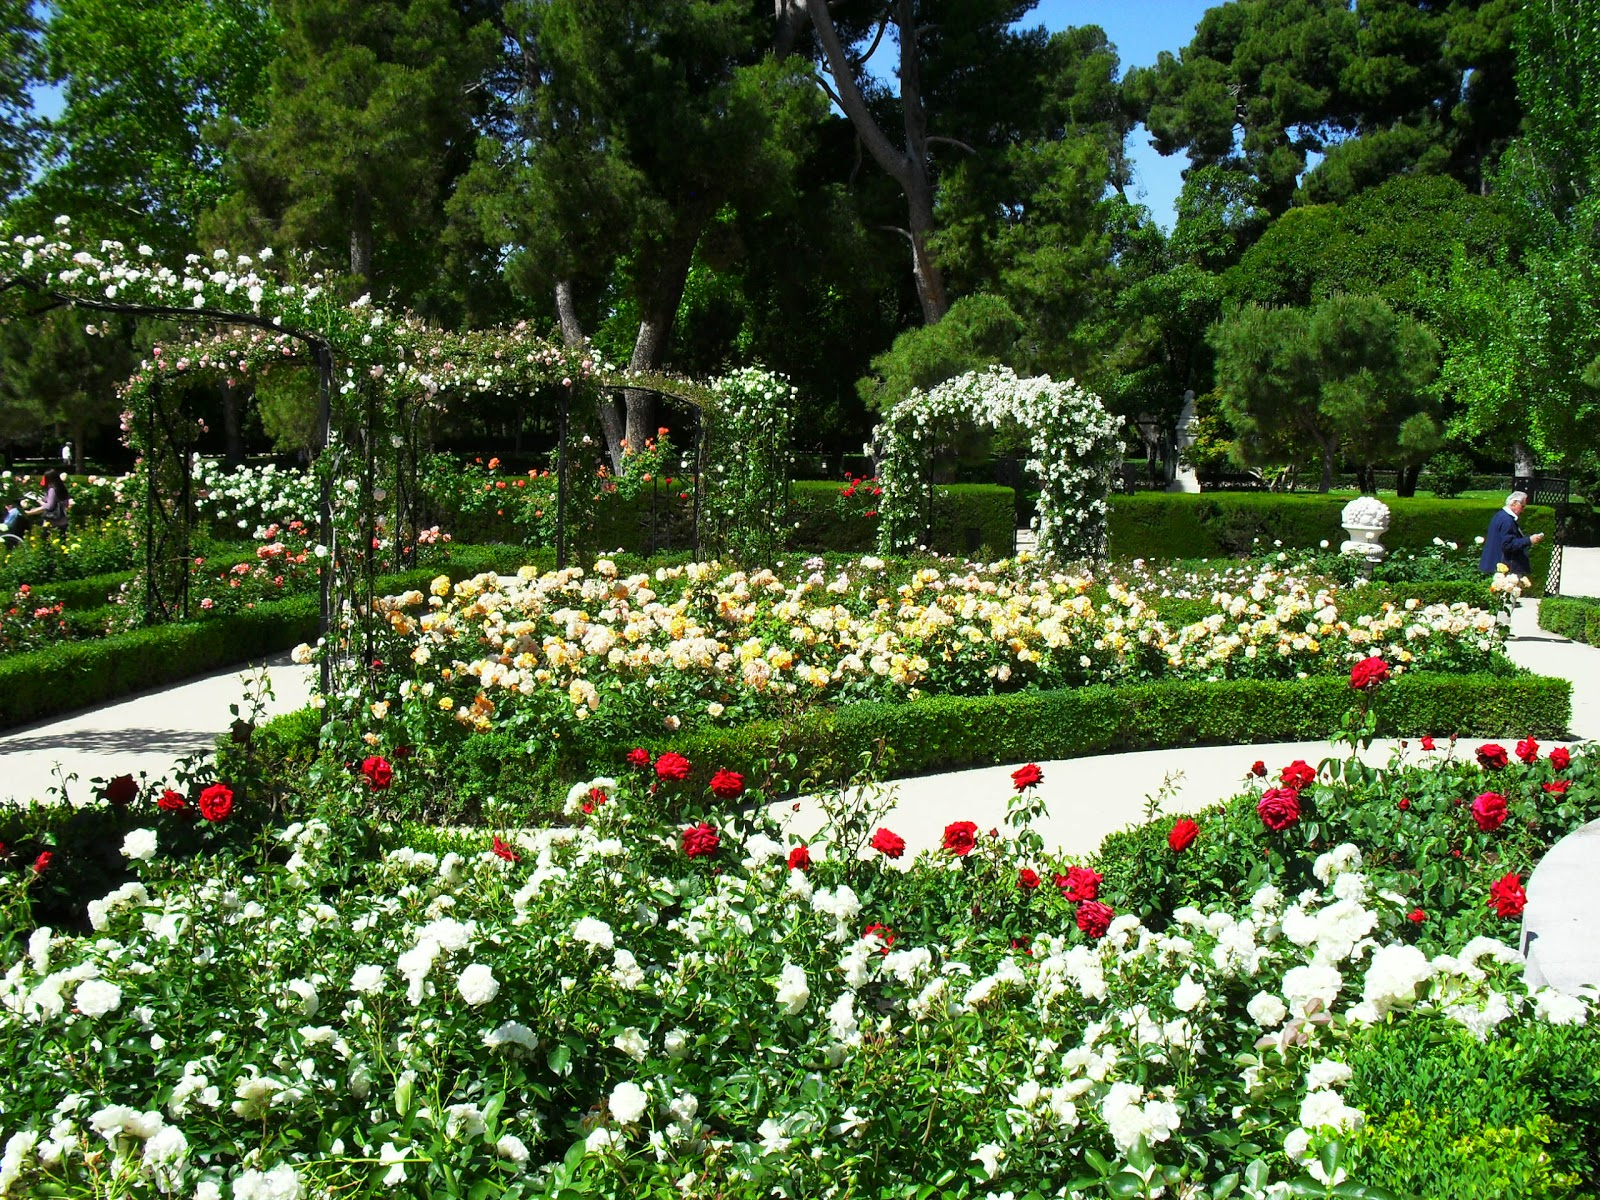 Arte y jardiner a el jard n de rosas for Modelos de jardines sencillos